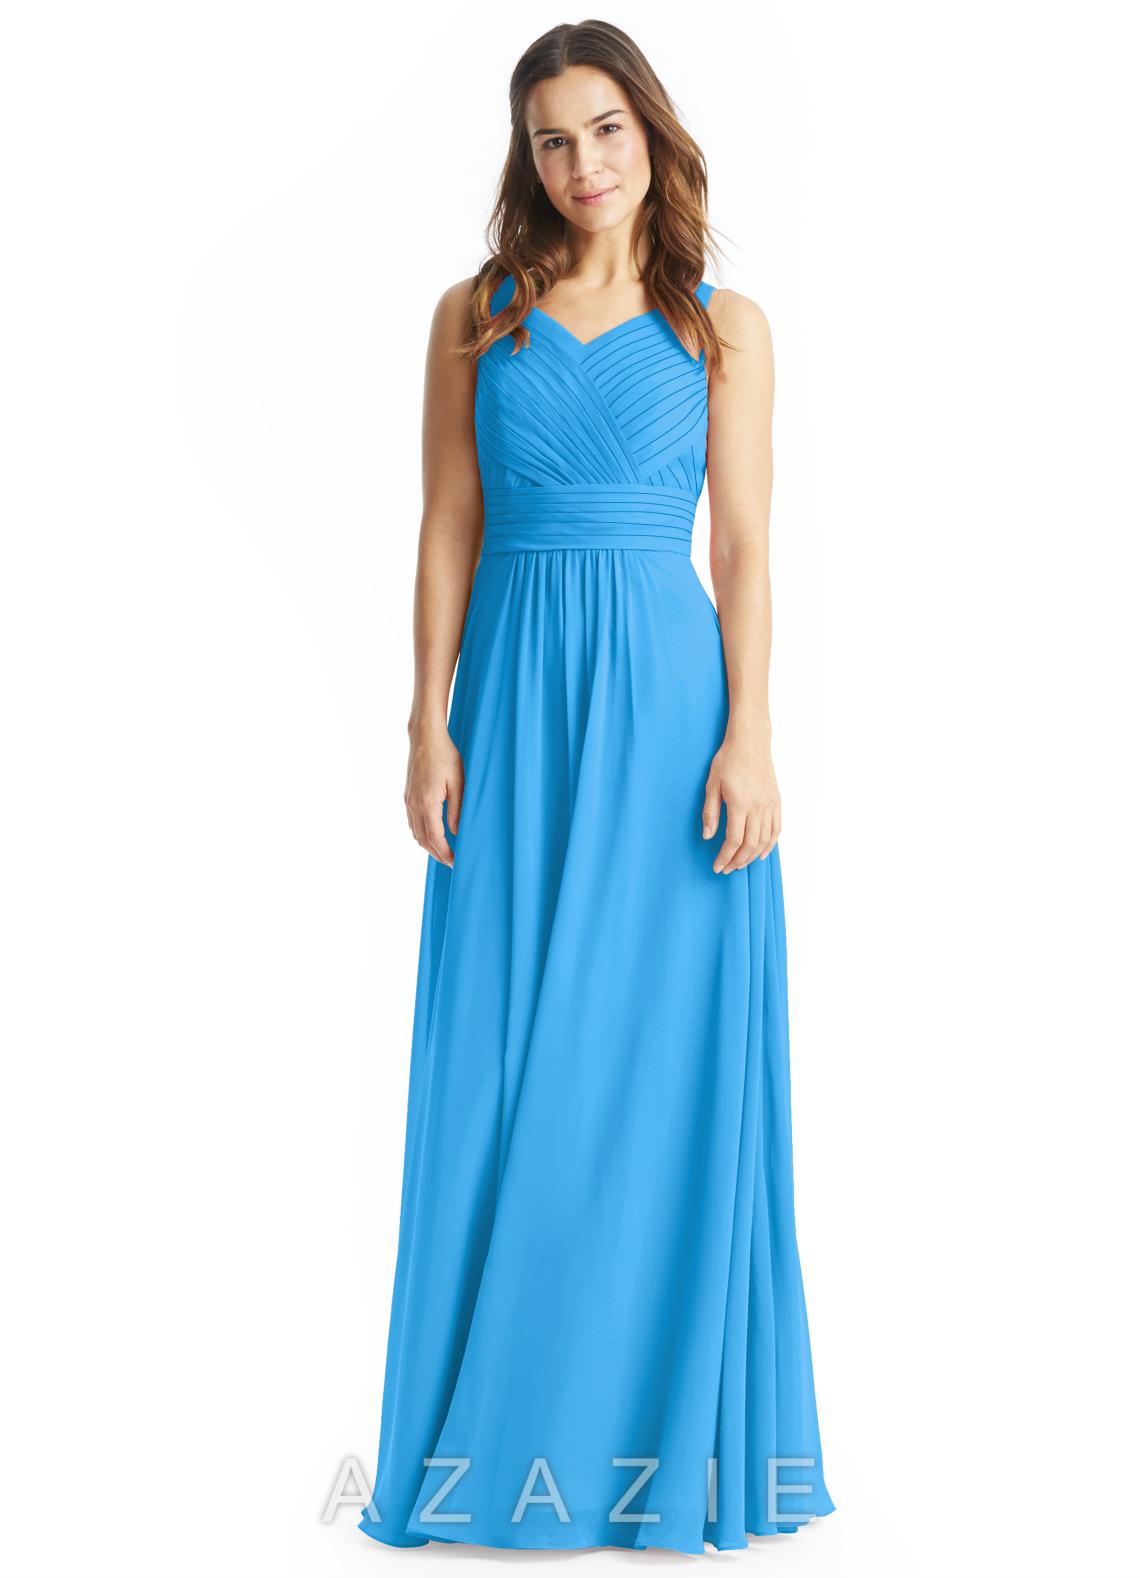 Azazie pierrette bridesmaid dress azazie loading zoom ombrellifo Gallery